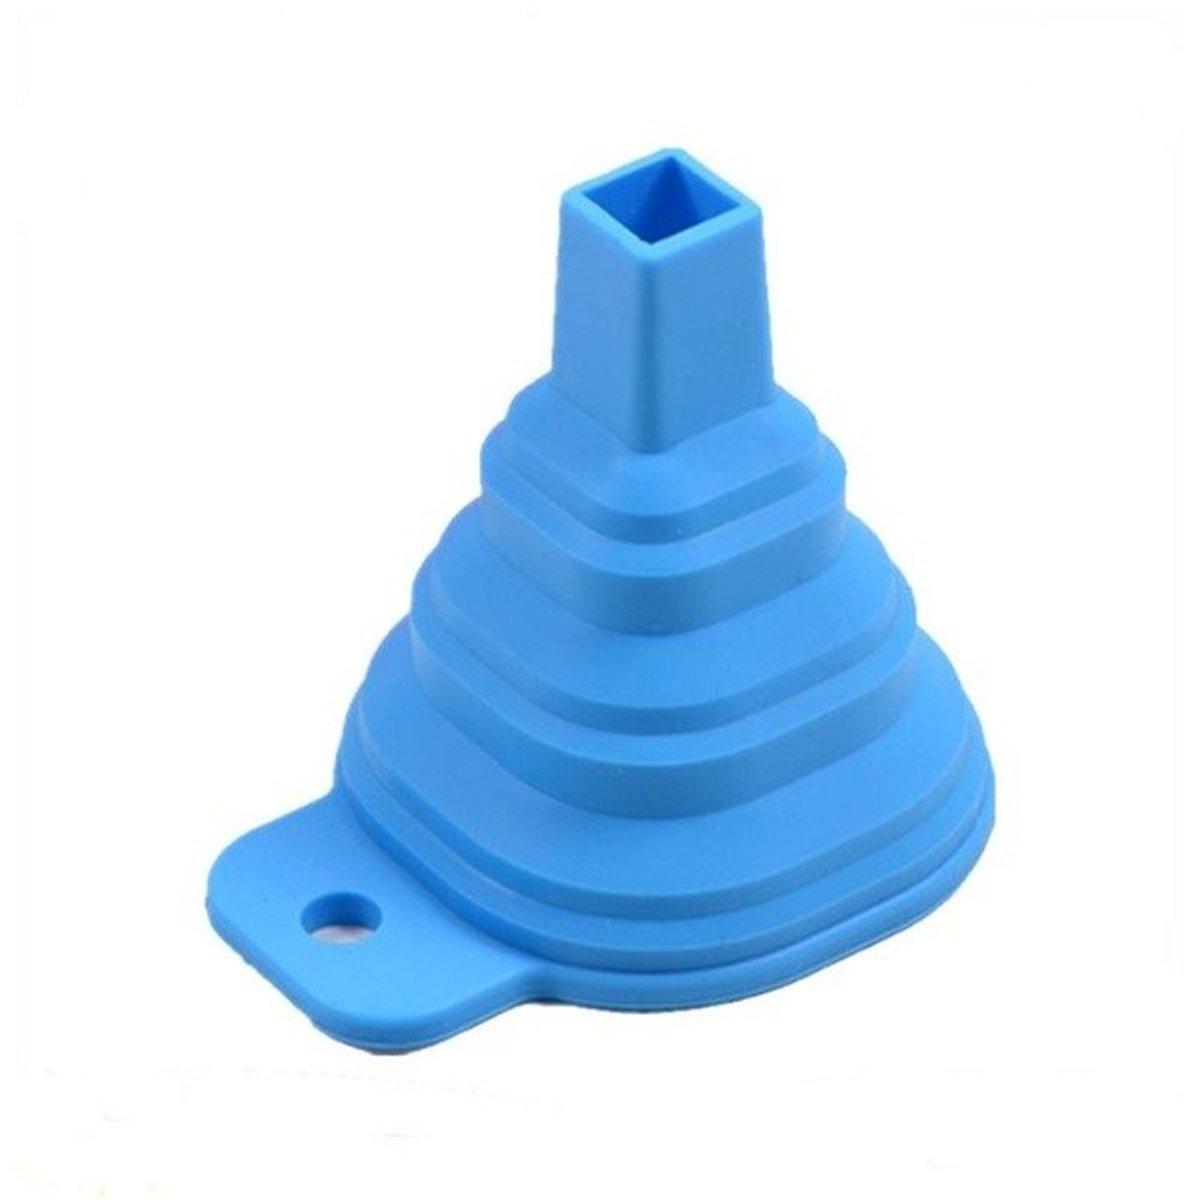 2 stuks Flexibele inklapbare trechters - blauw - aqua kopen